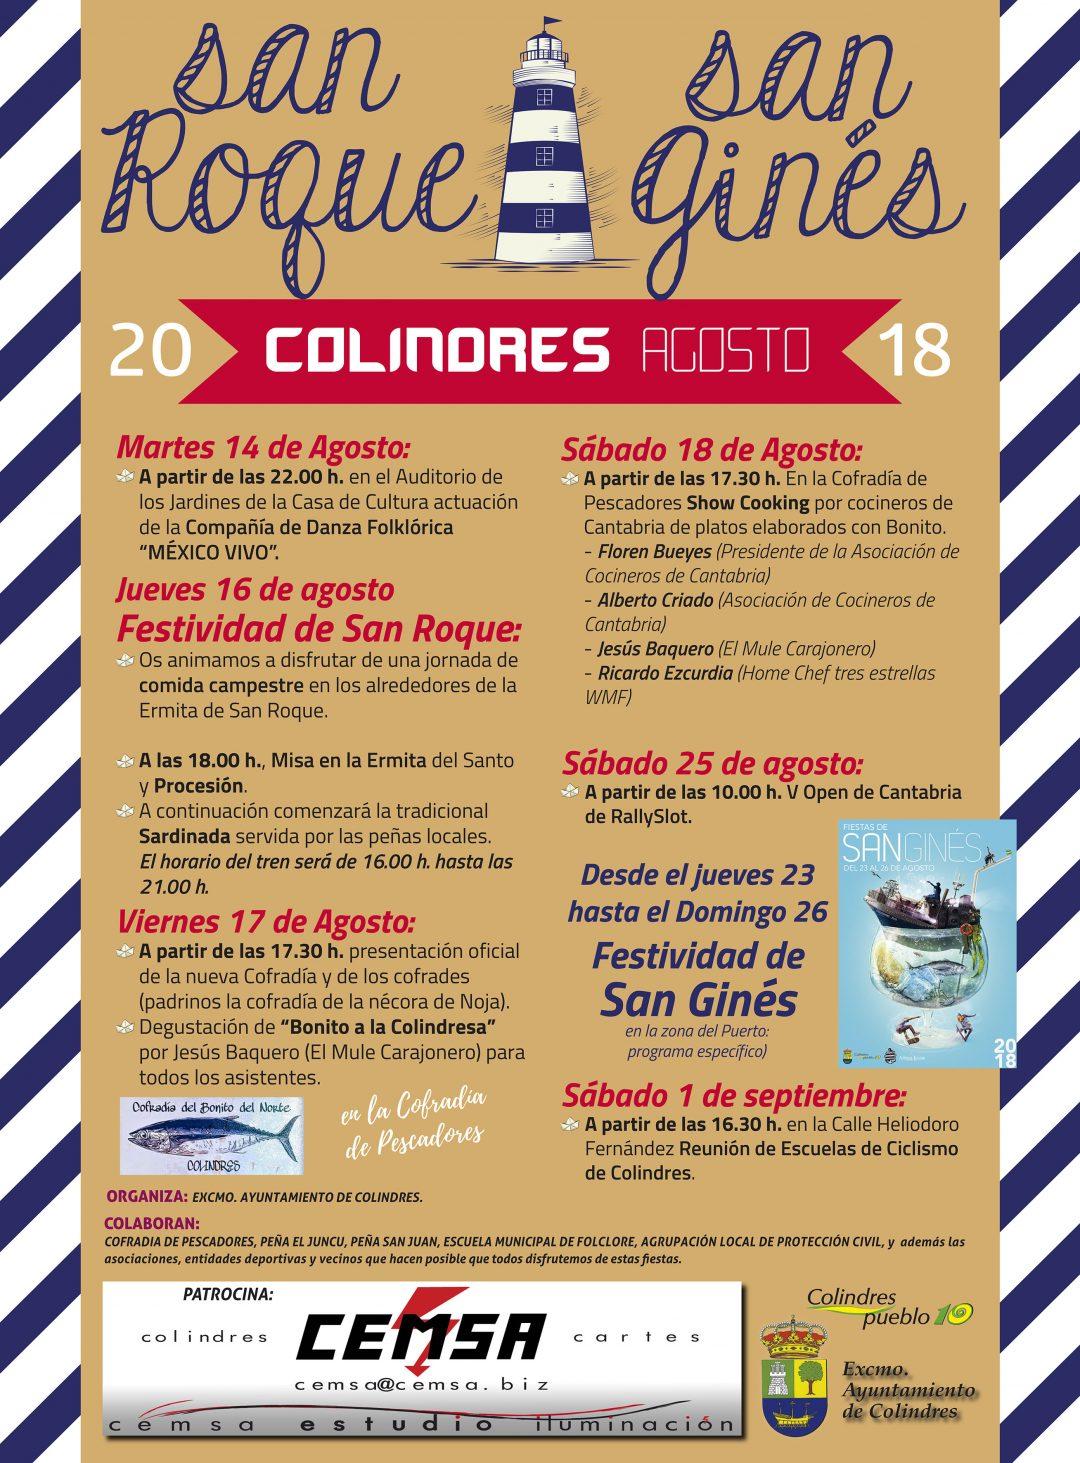 FIESTAS SAN ROQUE Y SAN GINES (programa específico)